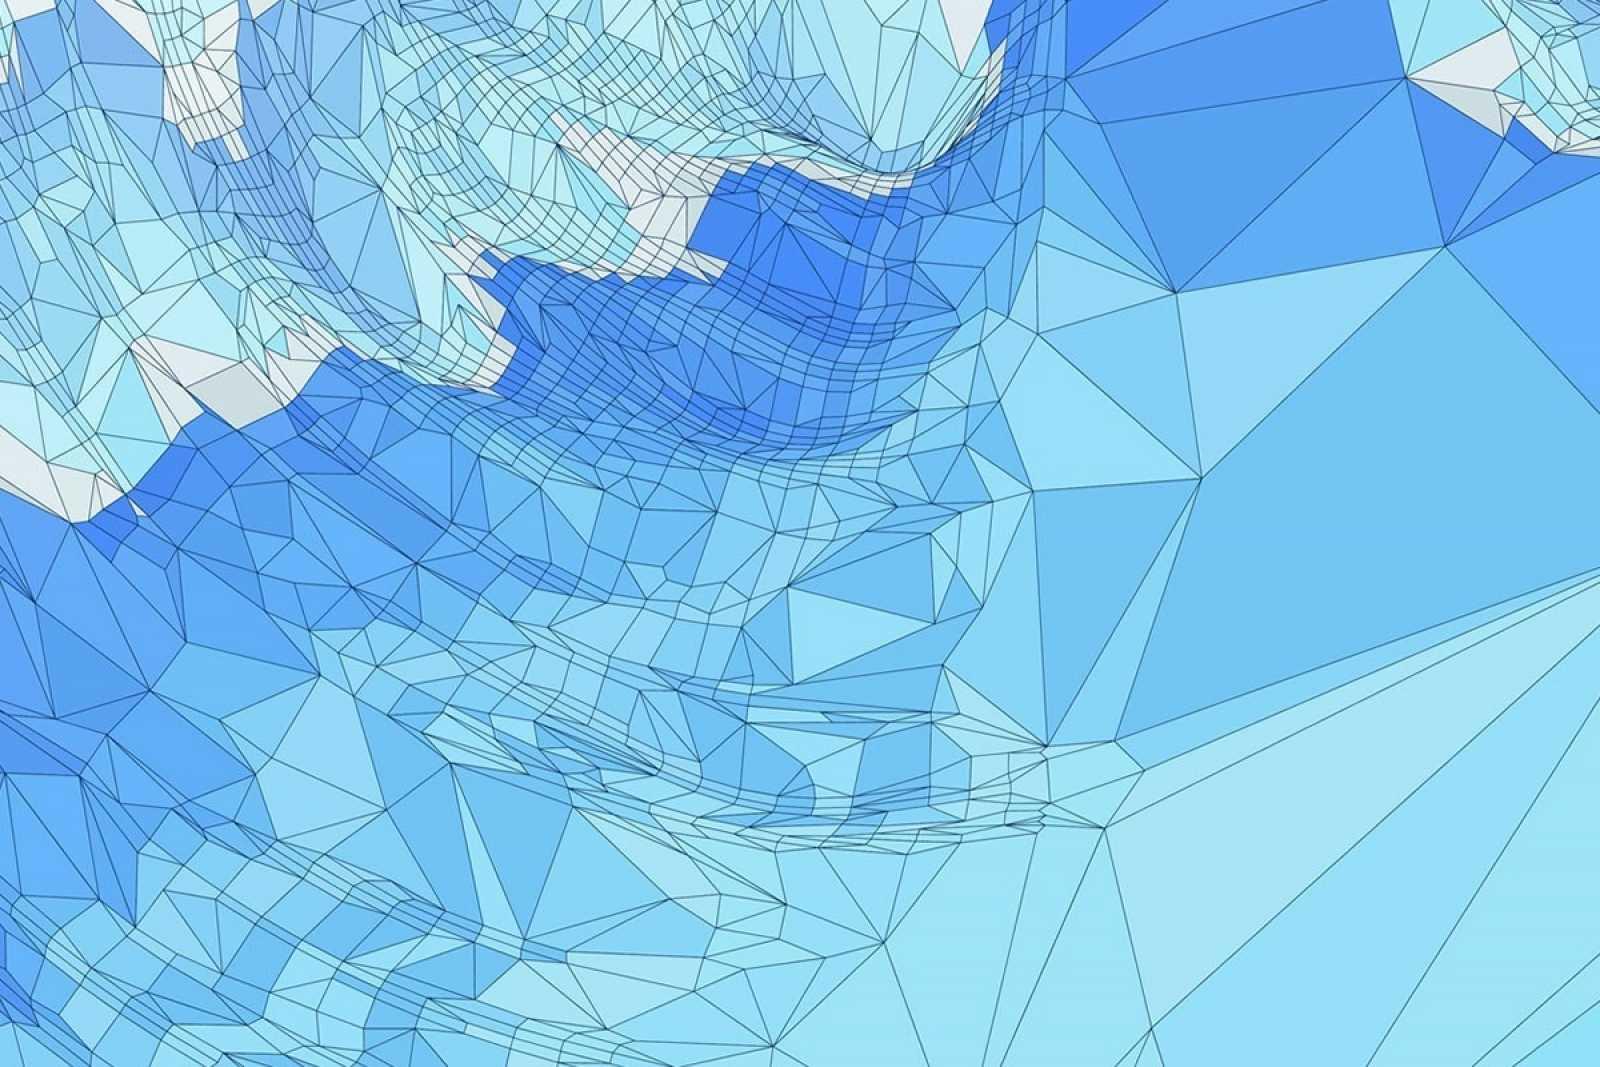 Polar 181001 122558 75j0v0l5a